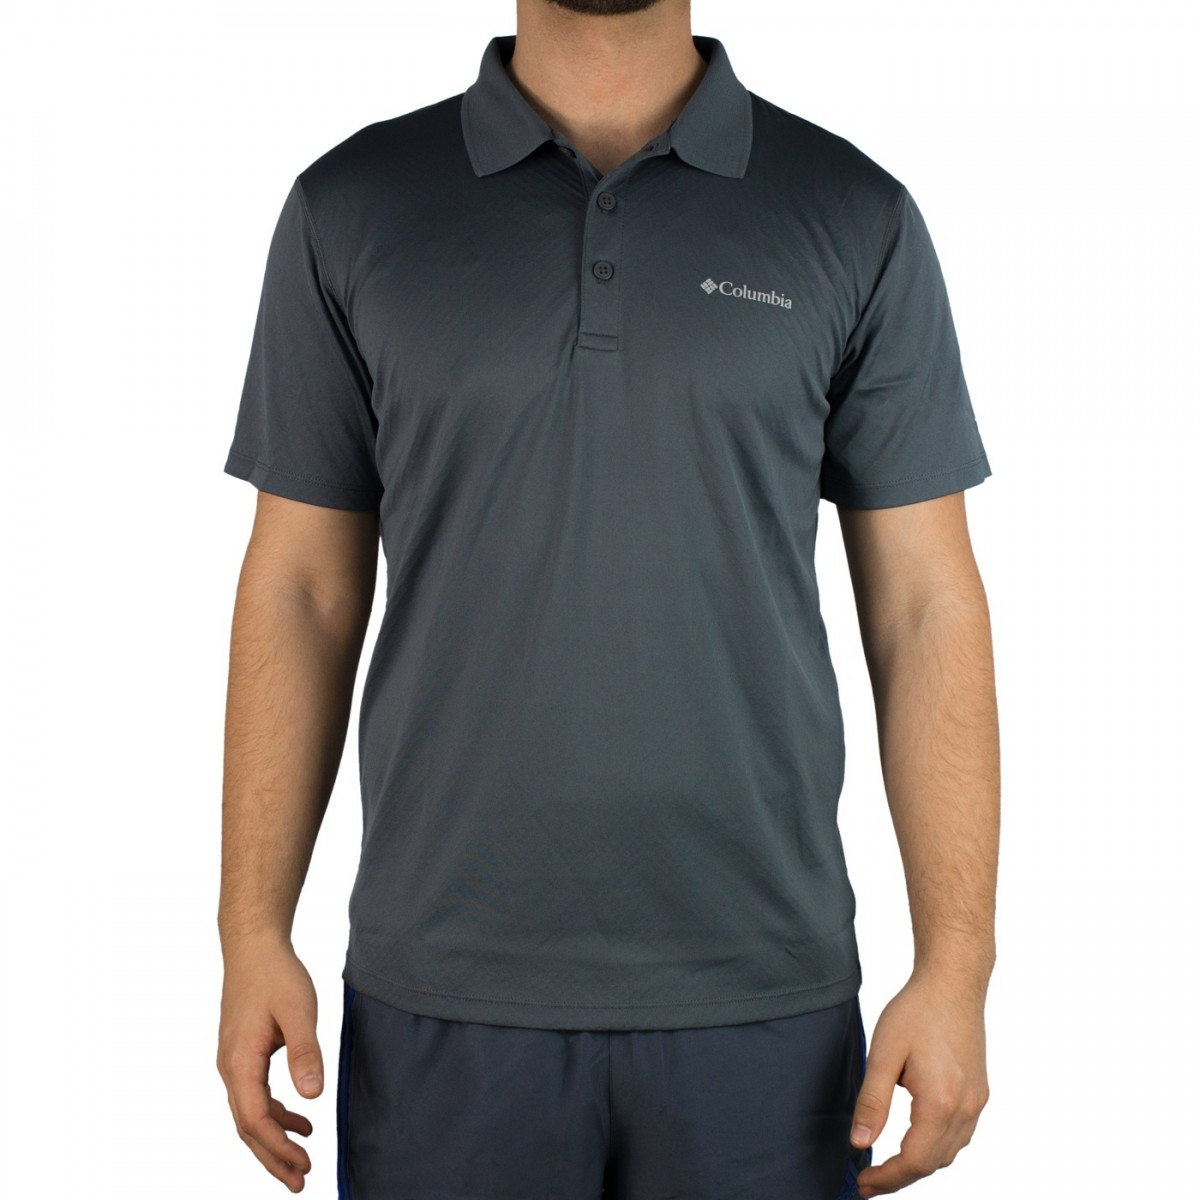 358803167 Bizz Store - Camisa Polo Masculina Columbia Zero Rules Preta Cinza